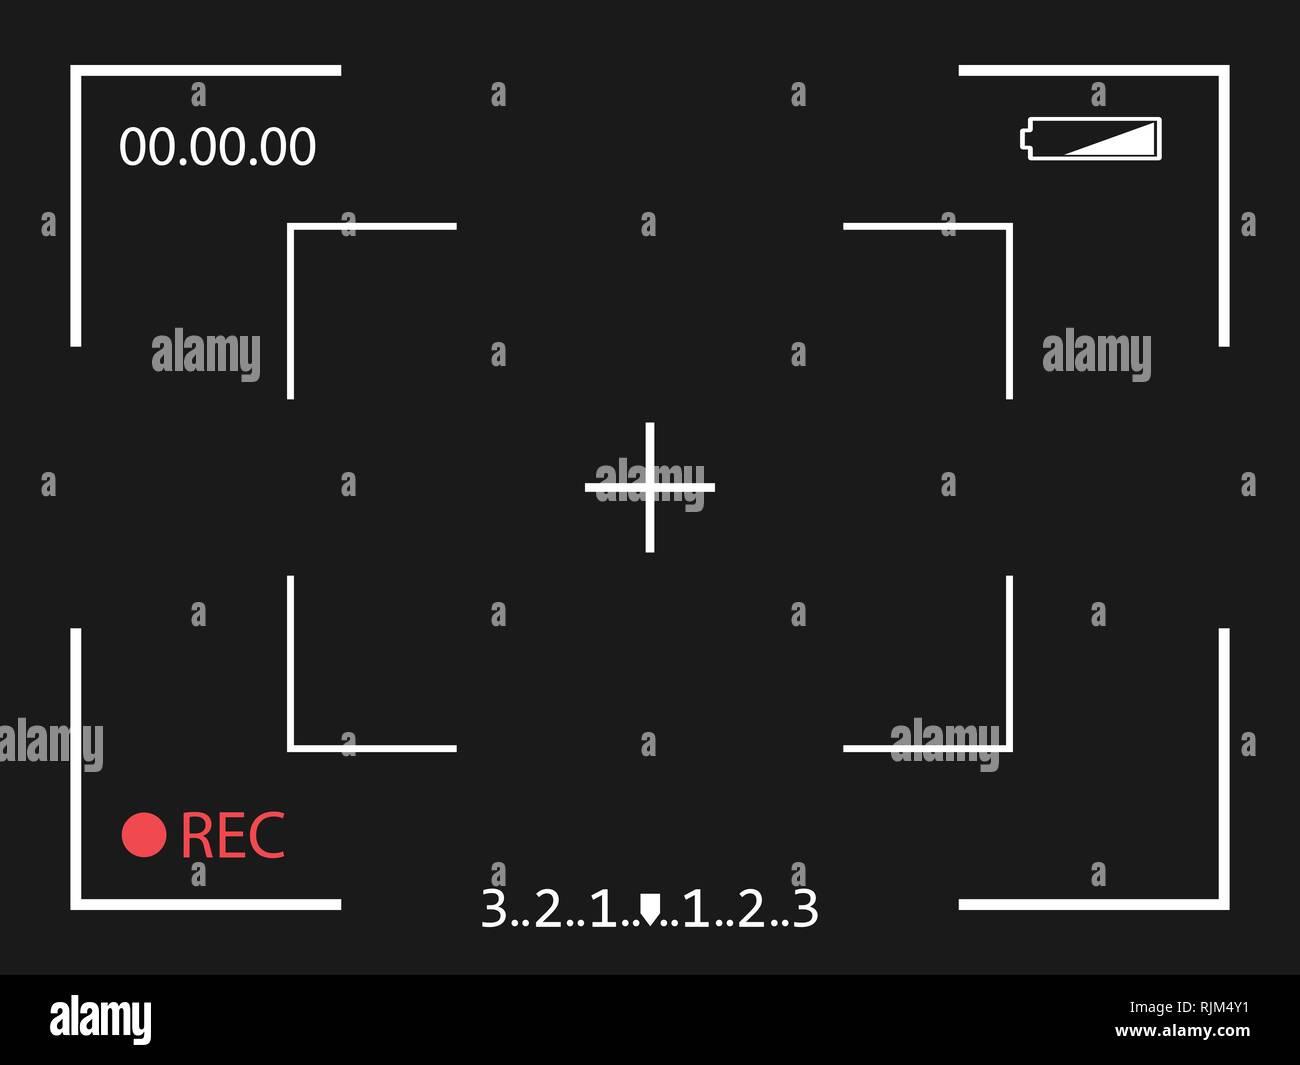 Telaio della fotocamera nella schermata del mirino su sfondo nero. Illustrazione Vettoriale. Immagini Stock